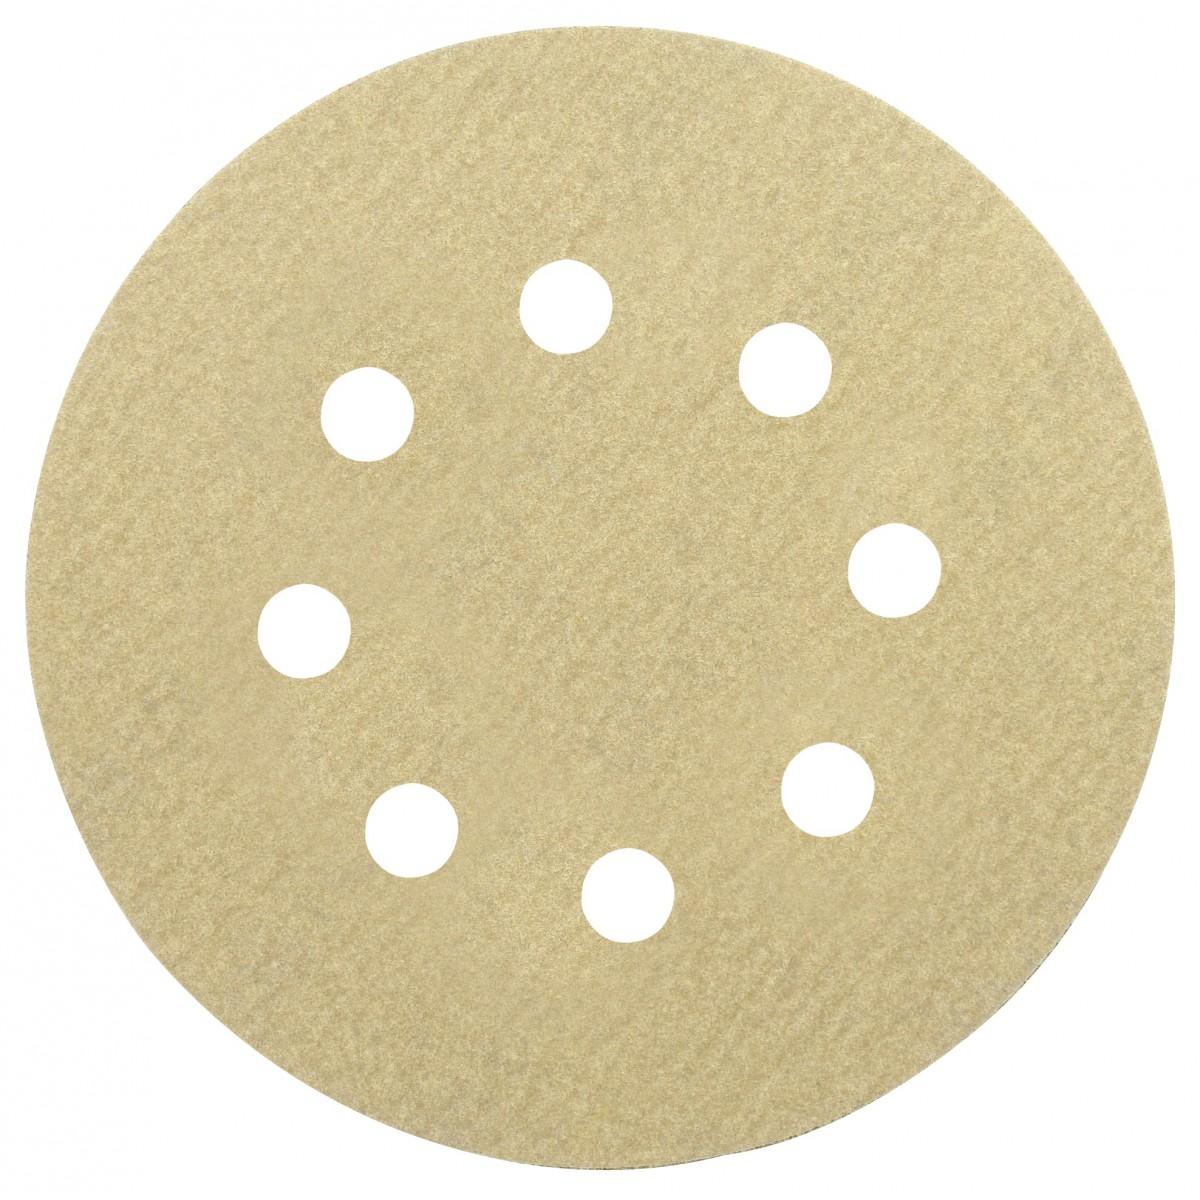 Disque abrasif auto-agrippant SCID - 8 trous - Grain 180 - Diamètre 125 mm - Vendu par 5